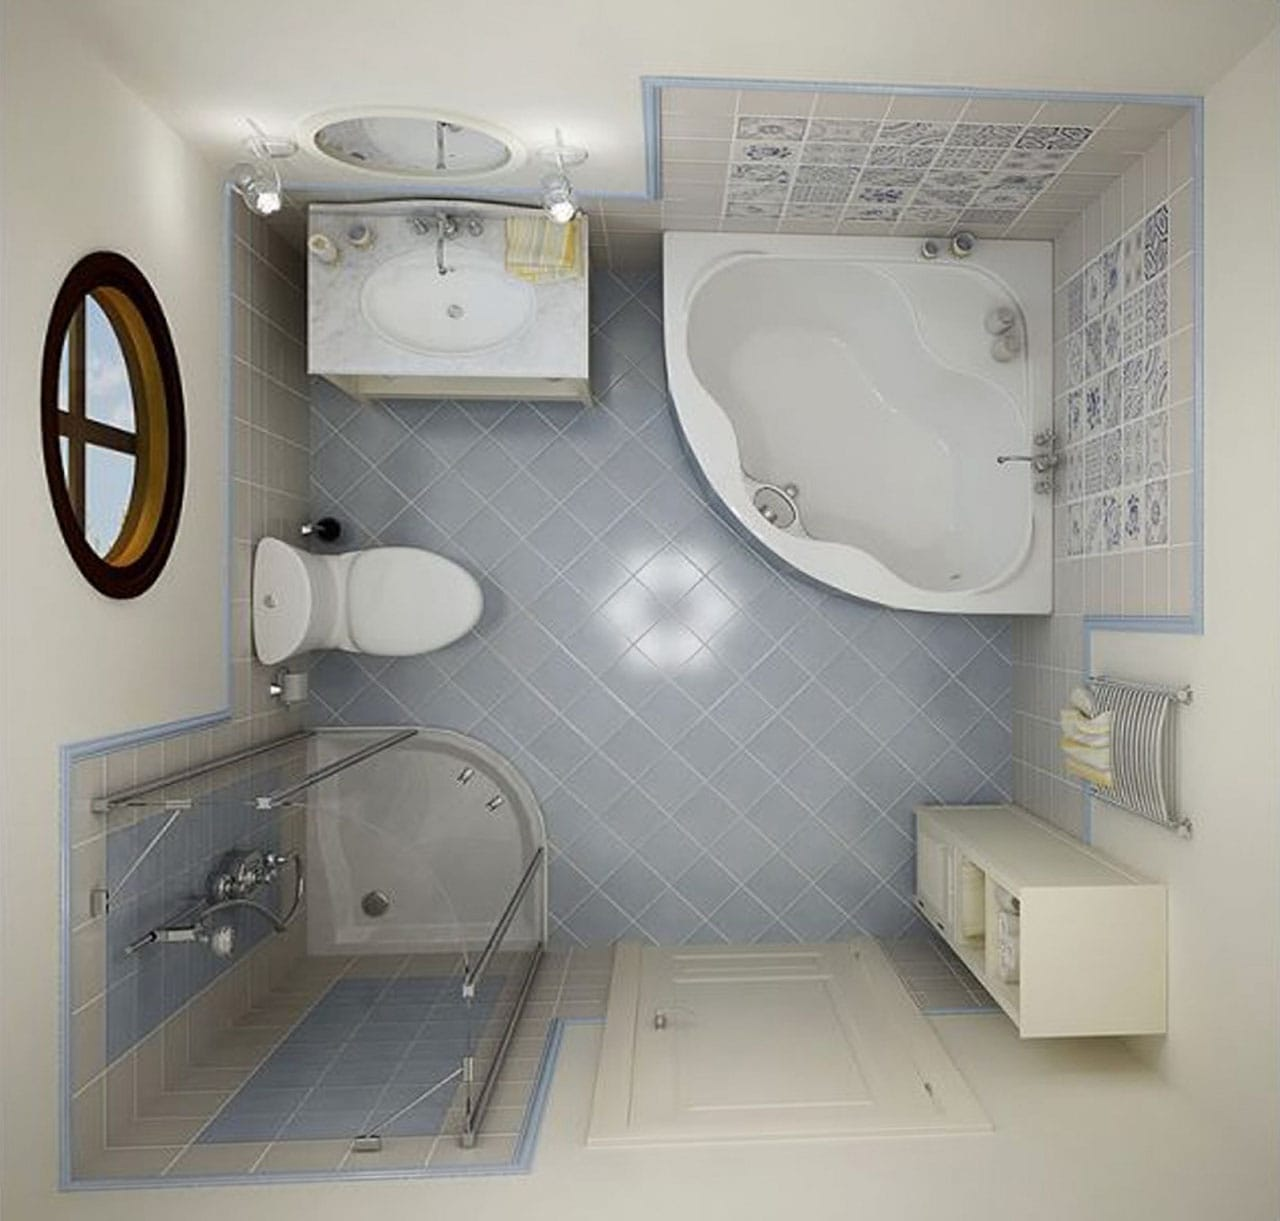 kamar mandi interior dengan jendela di pondok. desain kamar mandi